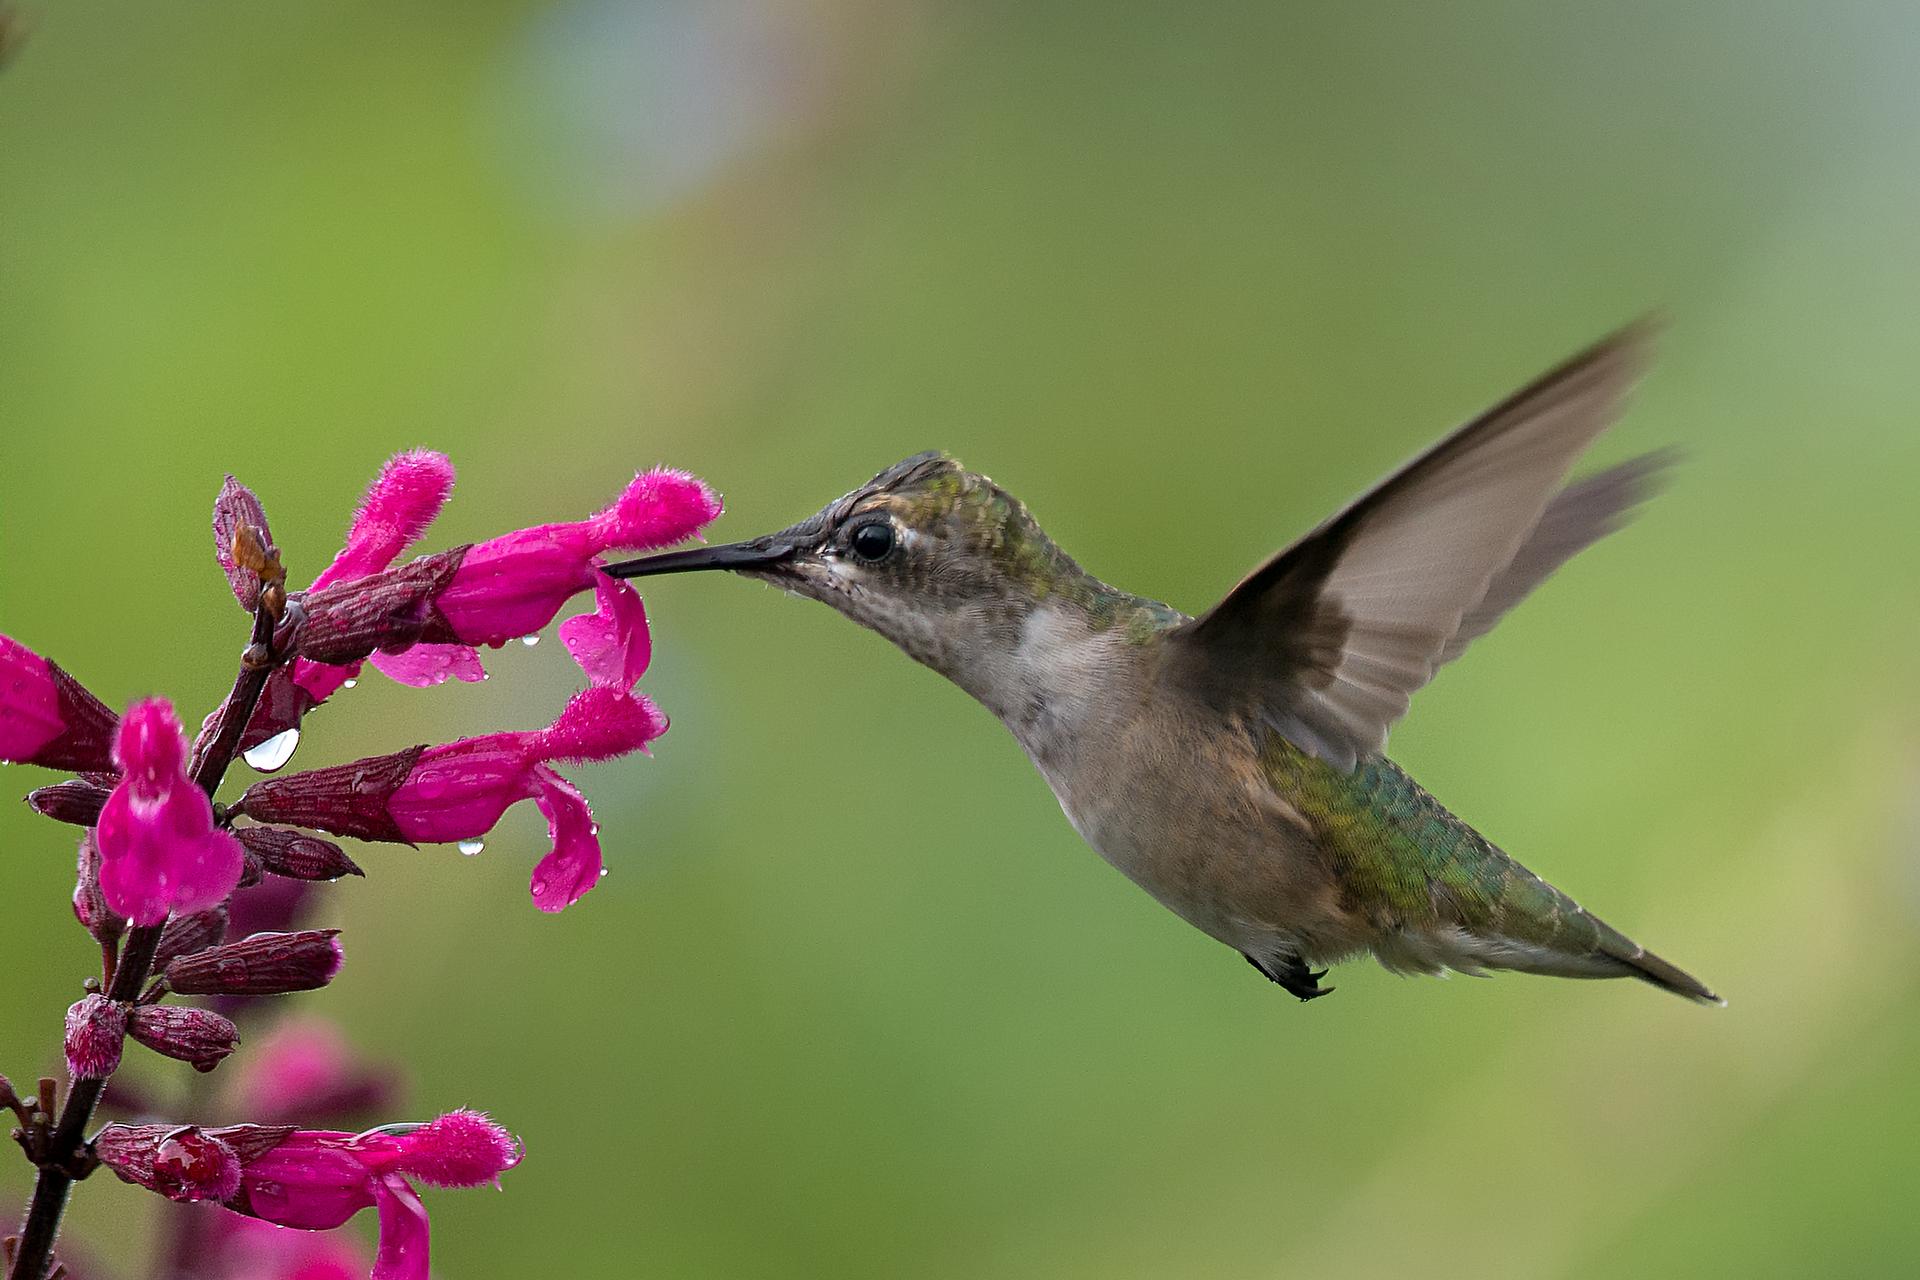 Fotografia przedstawia różowe kwiaty na sczycie łodygi. Po lewej stronie wpowietrzu zawisł koliber. Koliber wkłada dziób do wnętrza jednego zrurkowatych kwiatów.